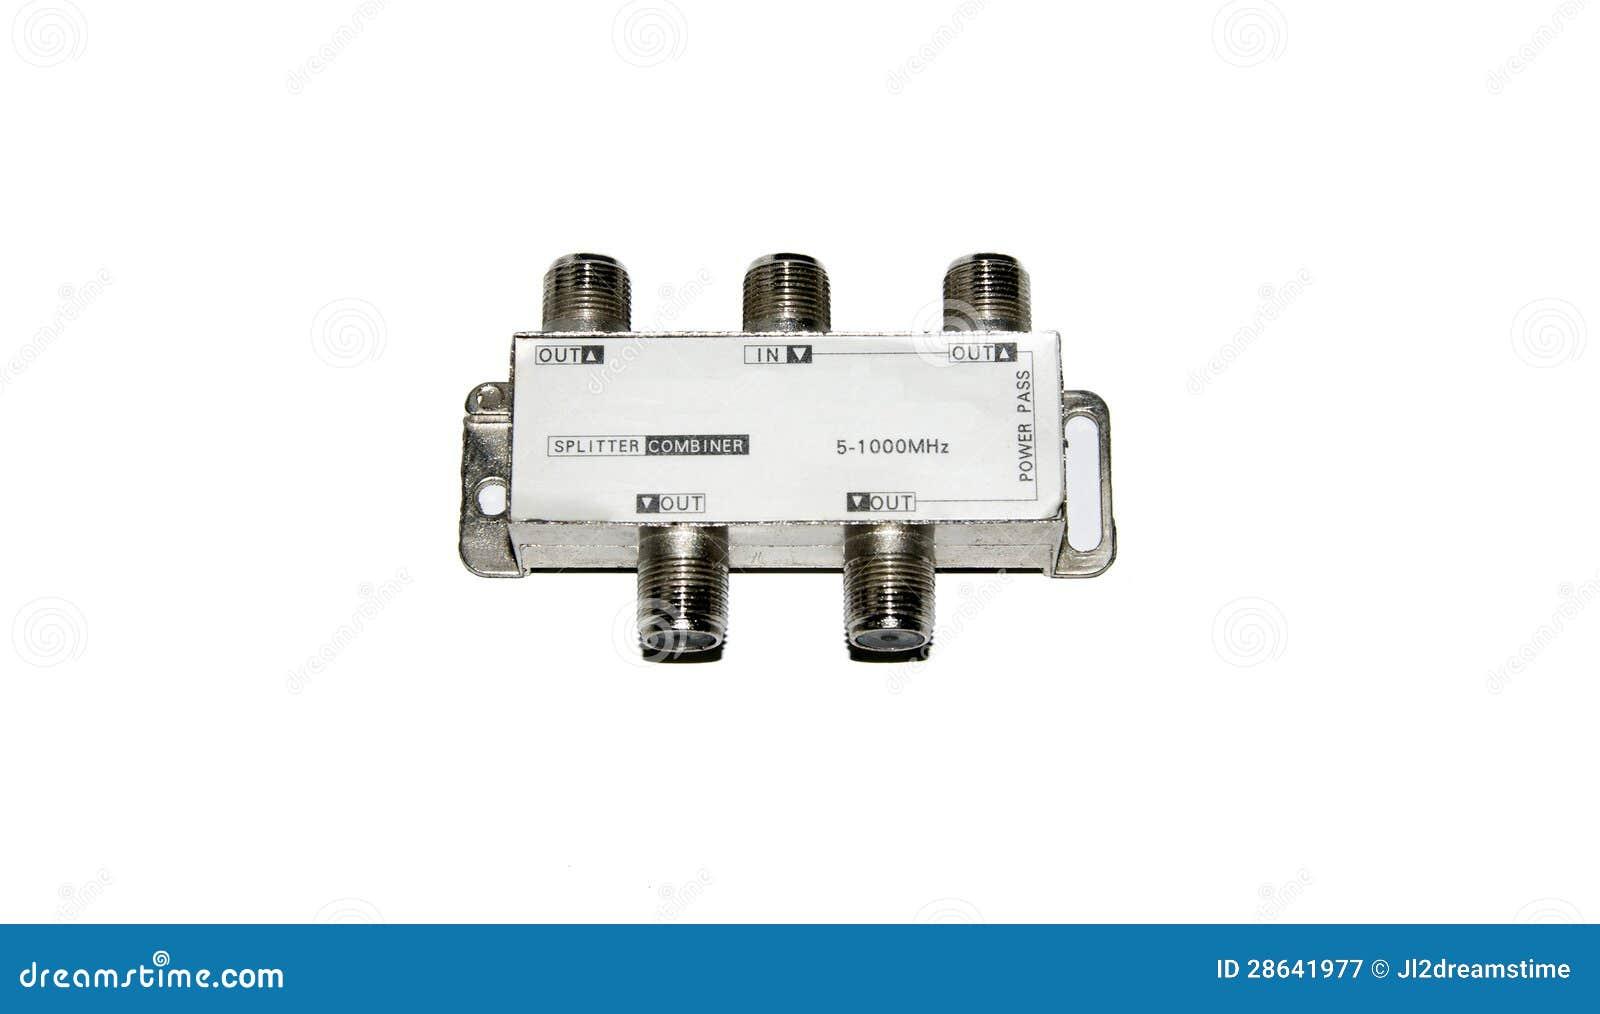 Catv rf splitter stock image  Image of communication - 28641977